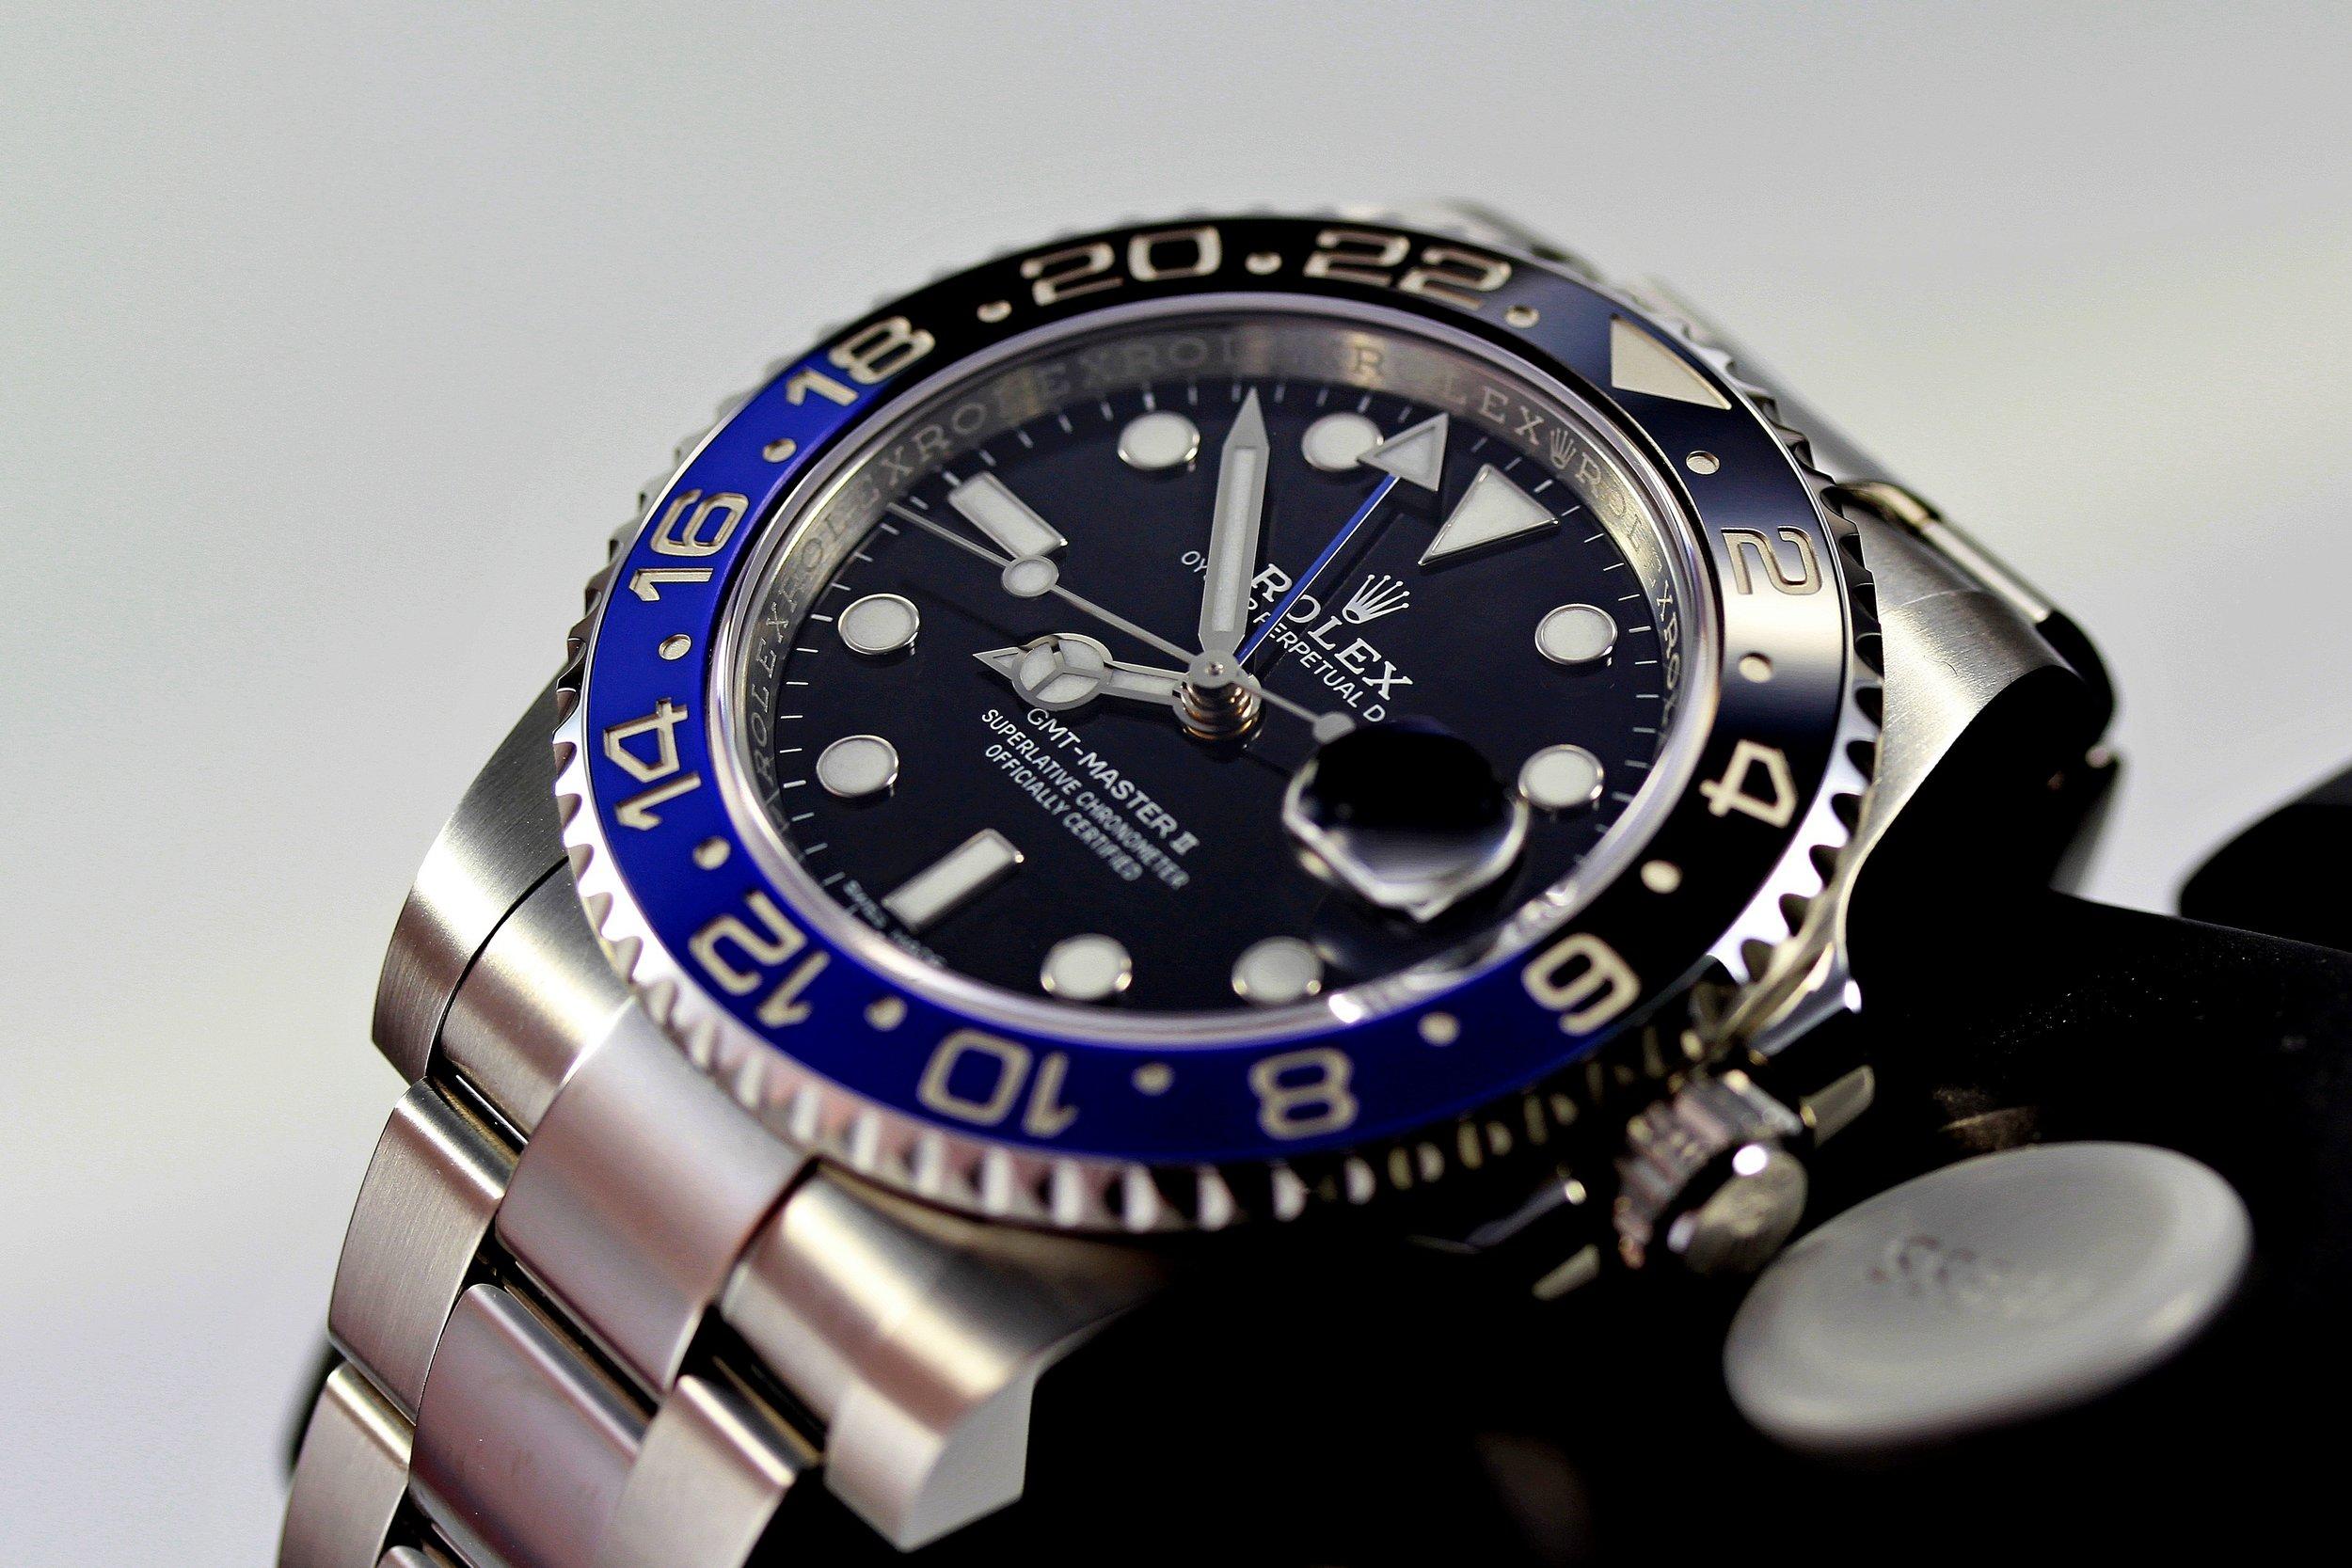 Rolex til en verdi av 55.000 kroner kjøpt i England. Men «glemte» å betale toll for den.